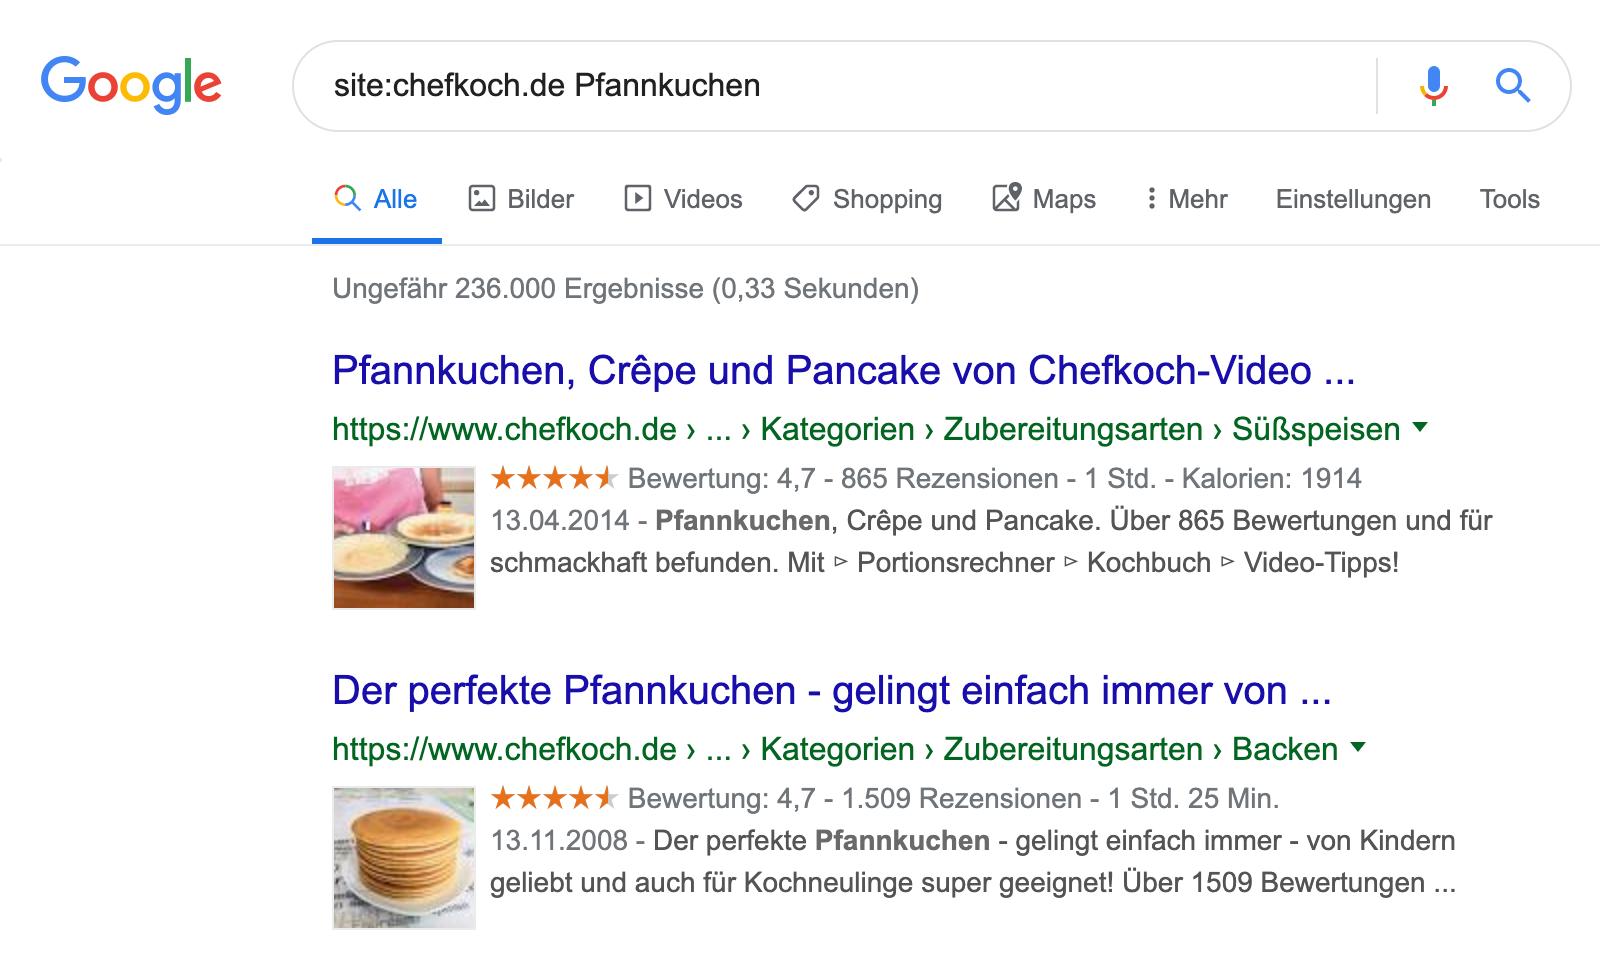 """Google Suchergebnis für die Anfrage """"site:chefkoch.de Pfannkuchen"""": es werden ungefähr 236.000 Ergebnisse angezeigt."""